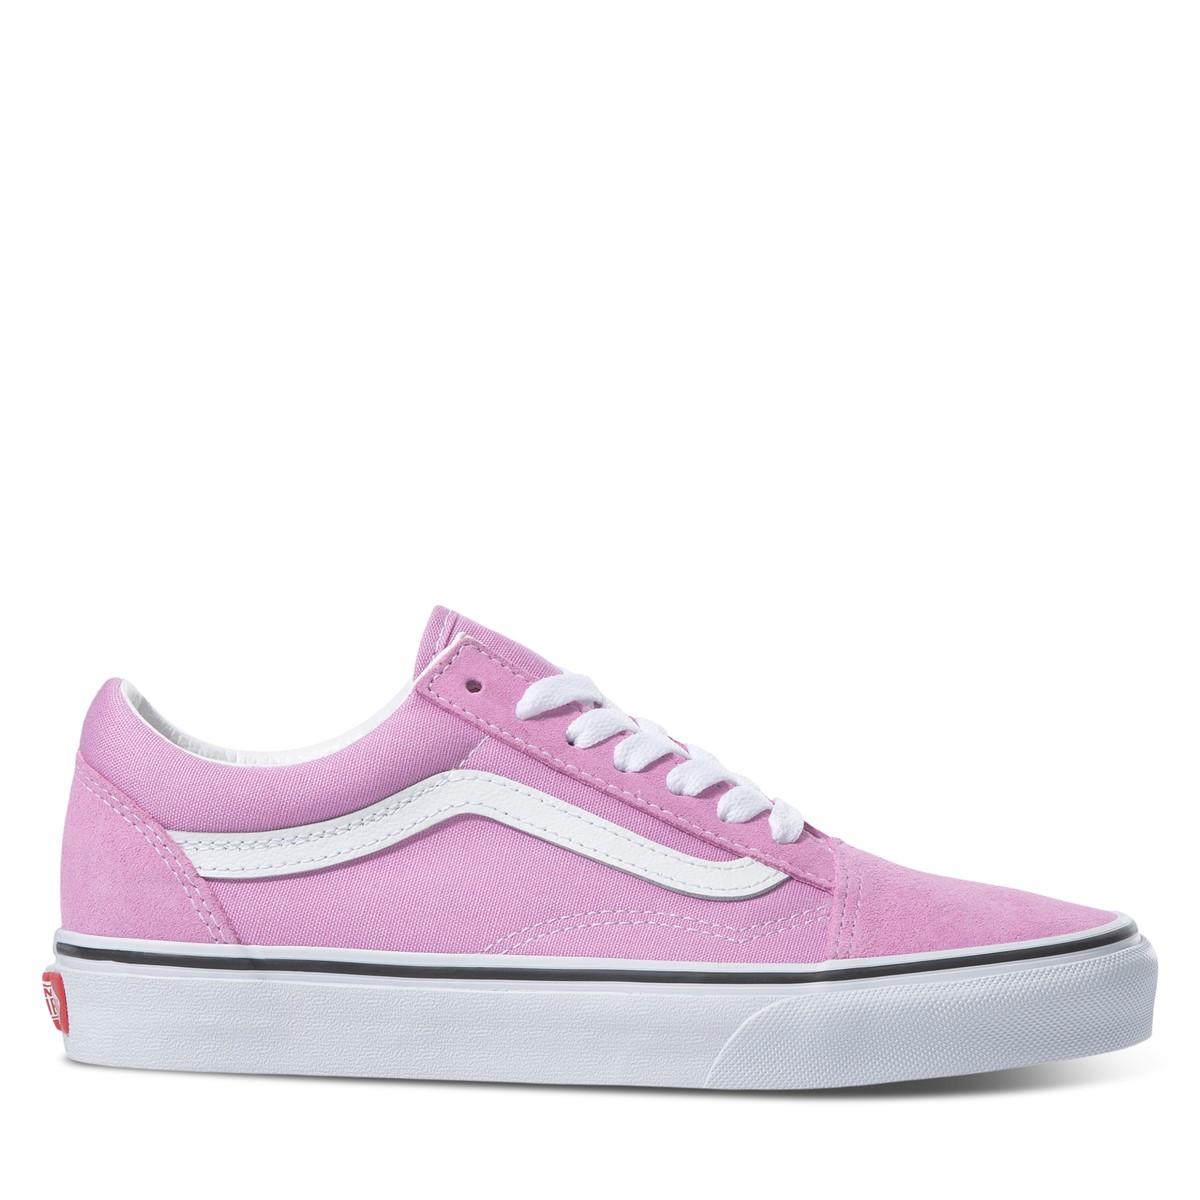 Women's Old Skool Sneakers in Pink